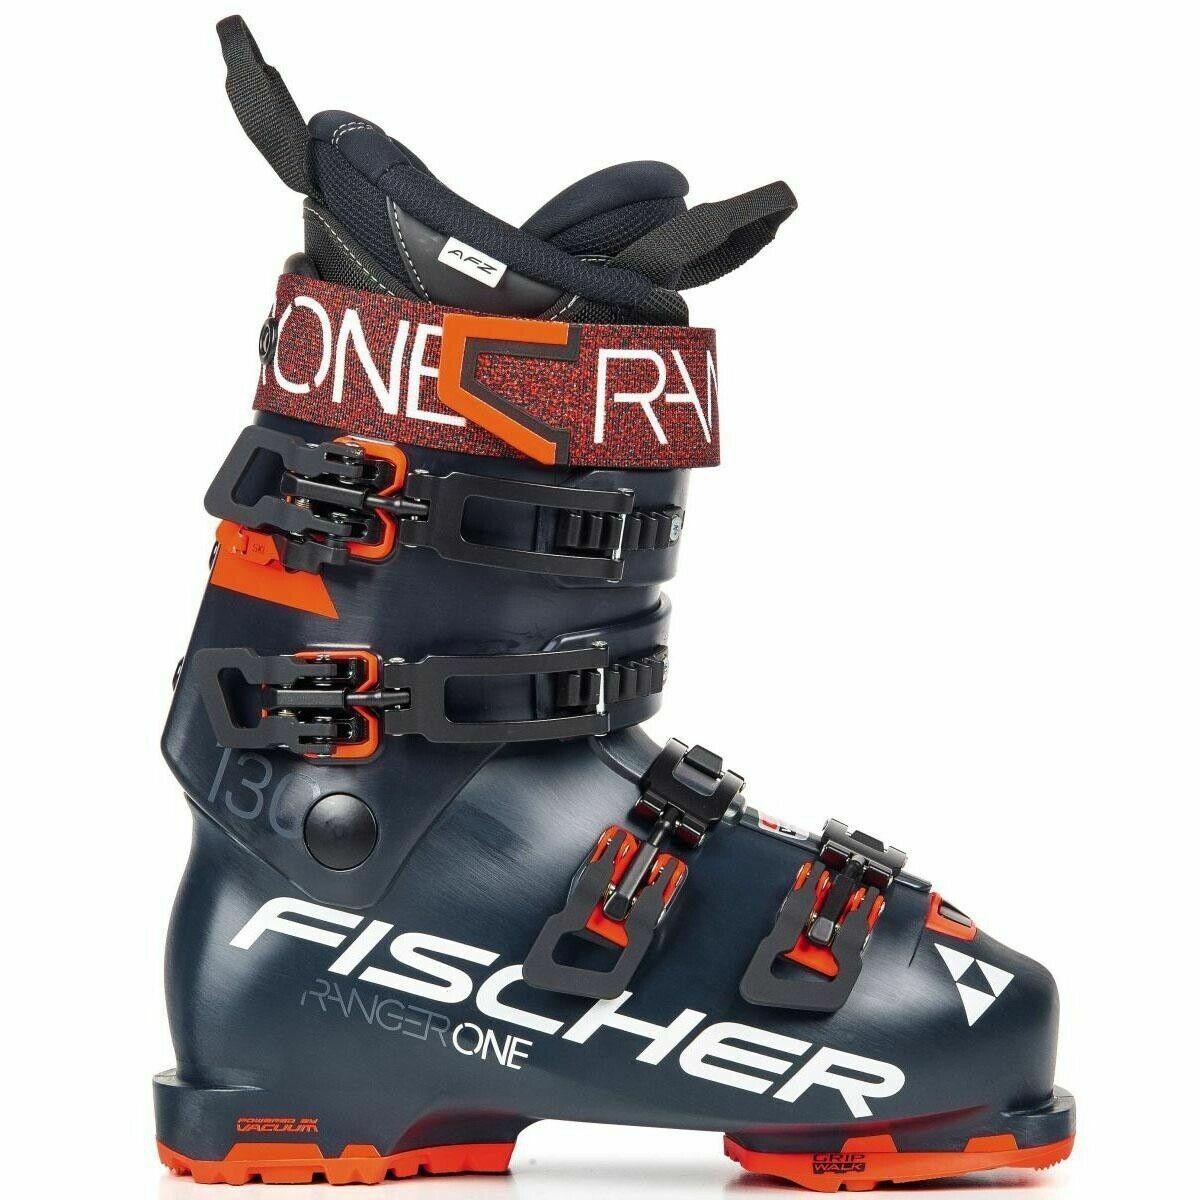 Fischer Ranger ONE 130 powerot by Vacuum Skischuh Herren